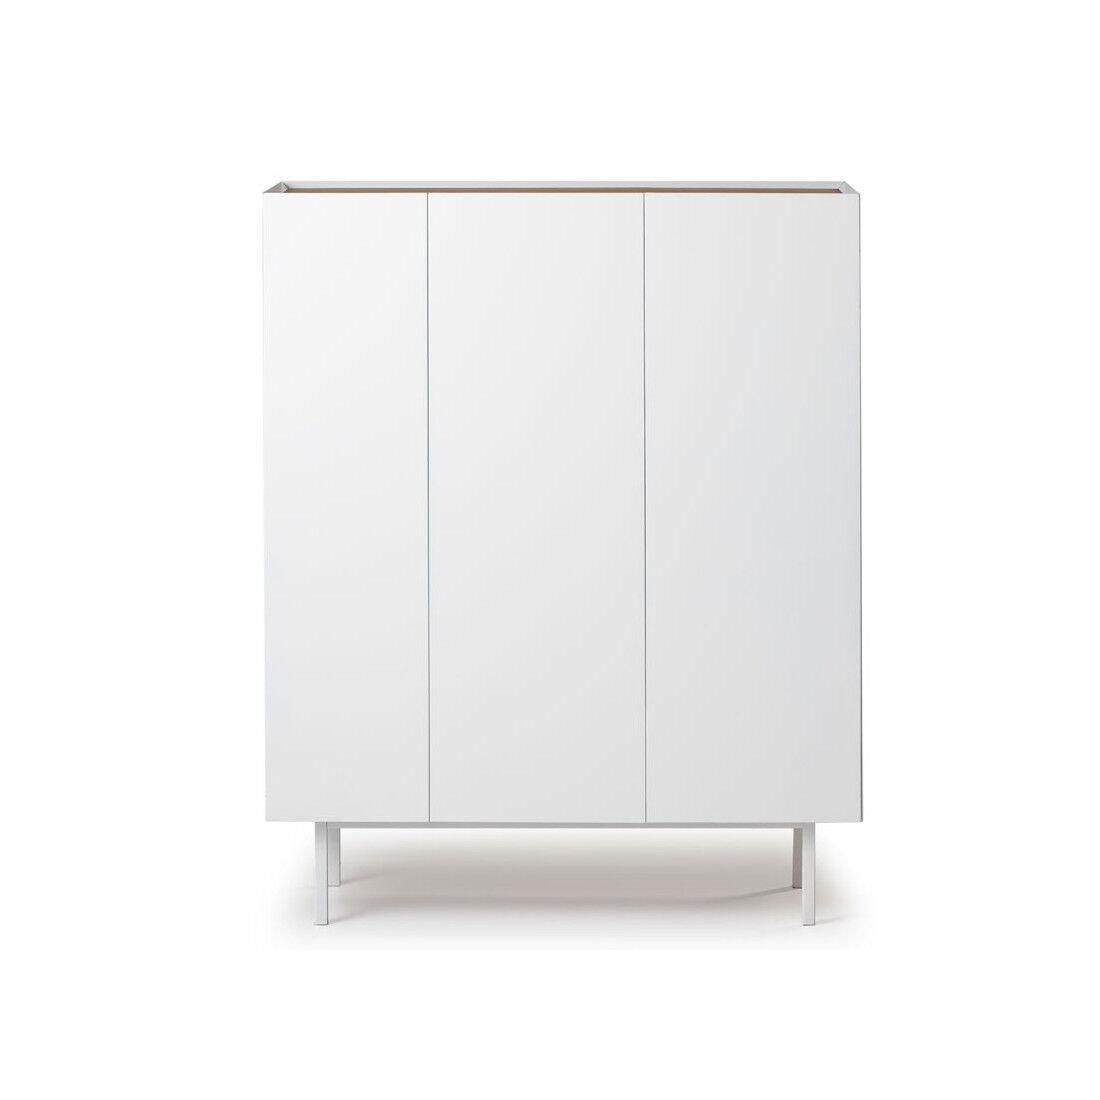 Tousmesmeubles Meuble bar 3 portes Blanc/Chêne - MELYS - L 95 x l 40 x H 120